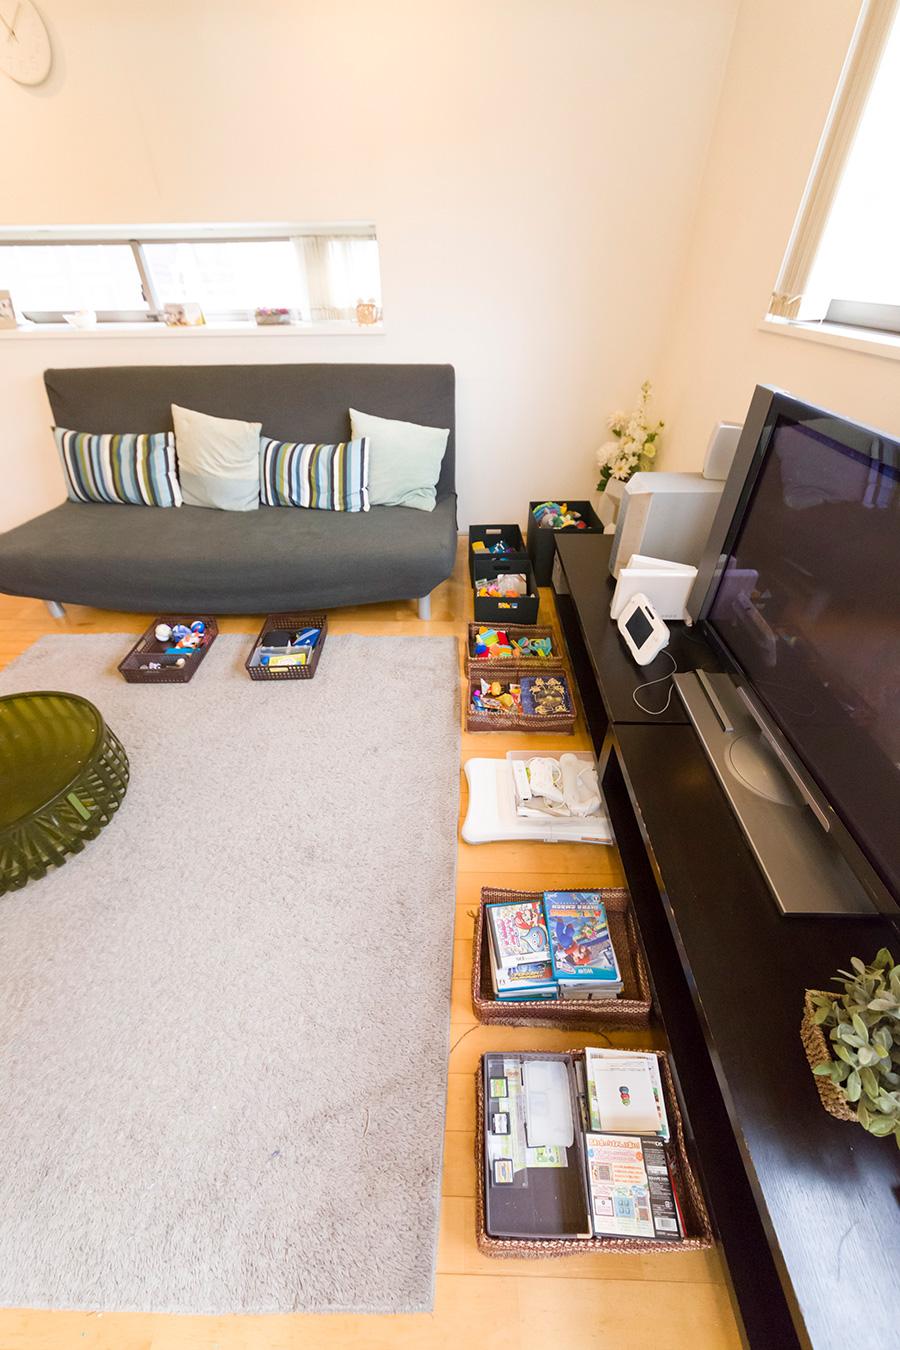 子供のおもちゃはテレビやソファーの下に。出し入れしやすく引き出し収納より便利。